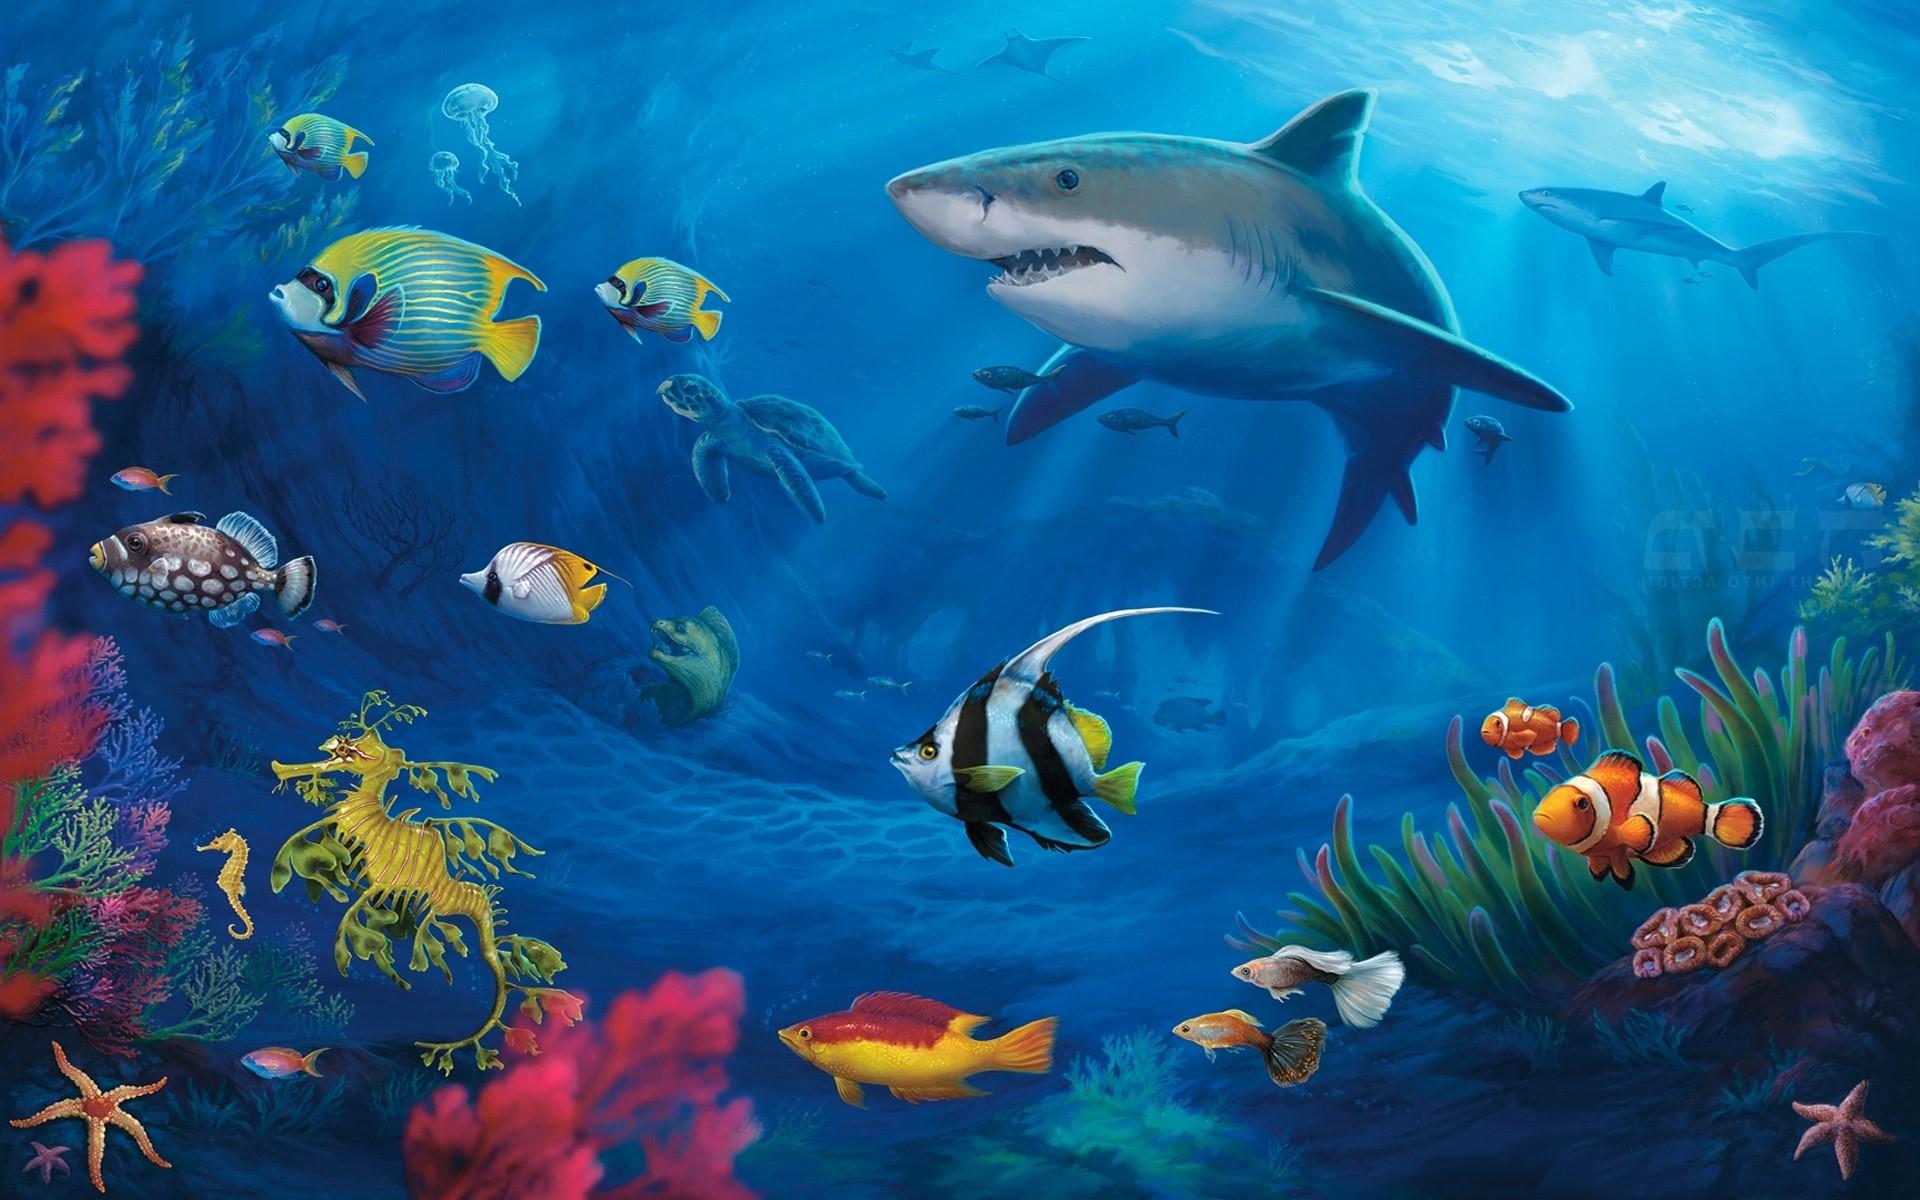 Download Wallpaper Macbook Tropical - free-tropical-fish-wallpaper-16  Image_432388.jpg